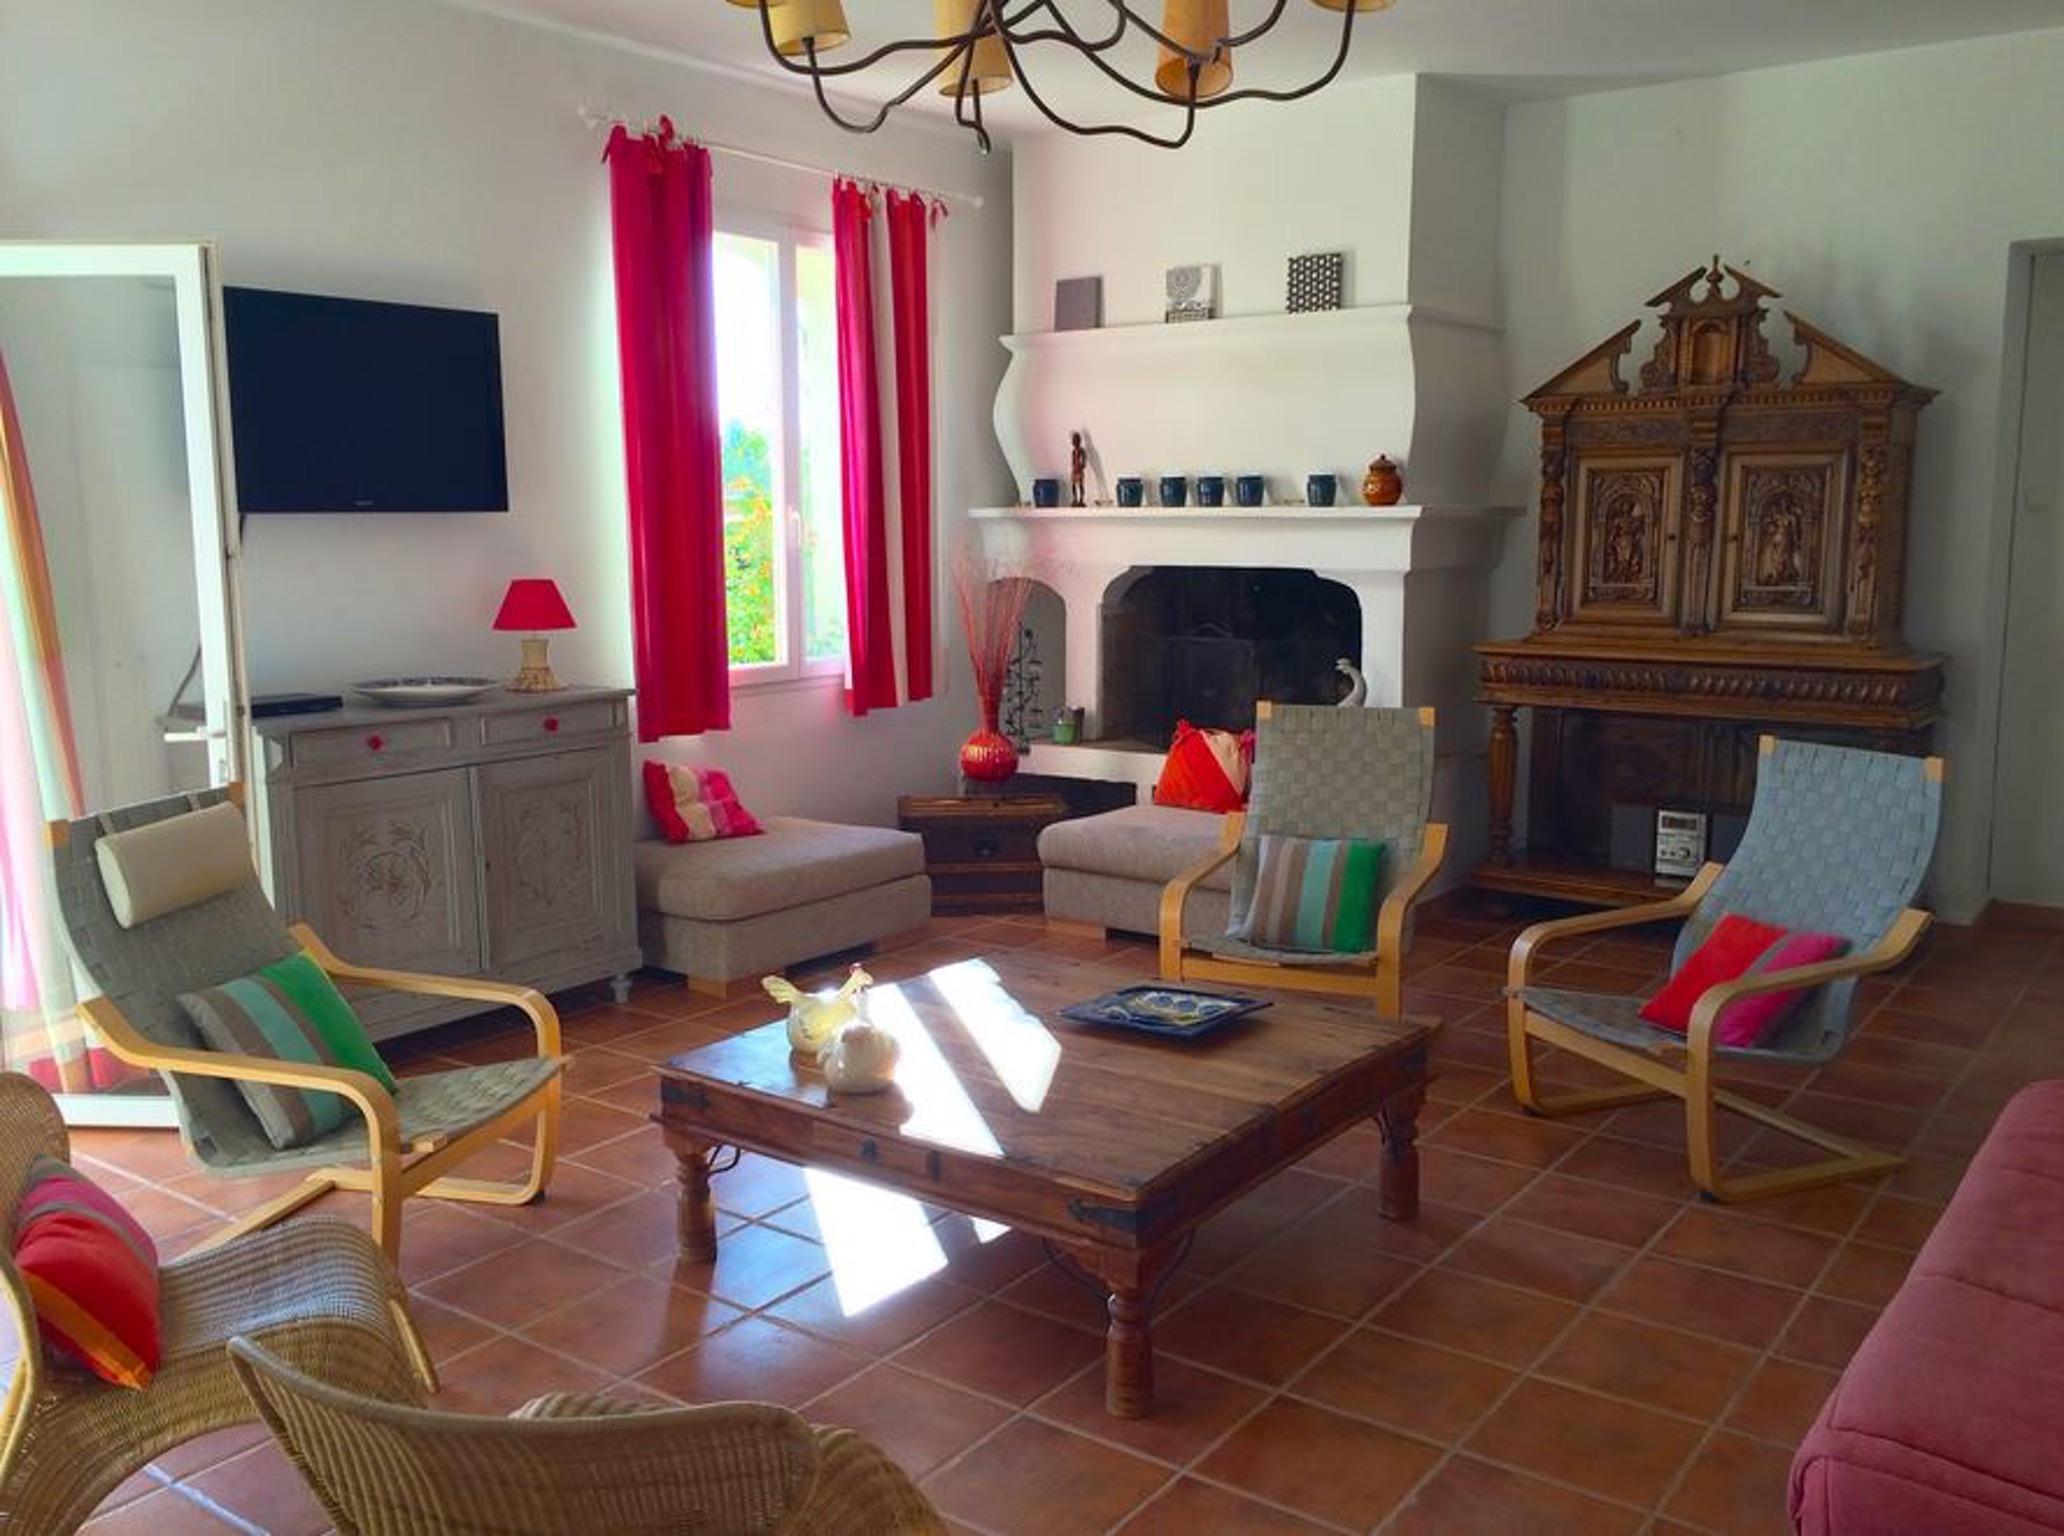 Ferienhaus Charaktervolles Haus in Hérault mit Pool und Garten (2201003), Portiragnes, Mittelmeerküste Hérault, Languedoc-Roussillon, Frankreich, Bild 8